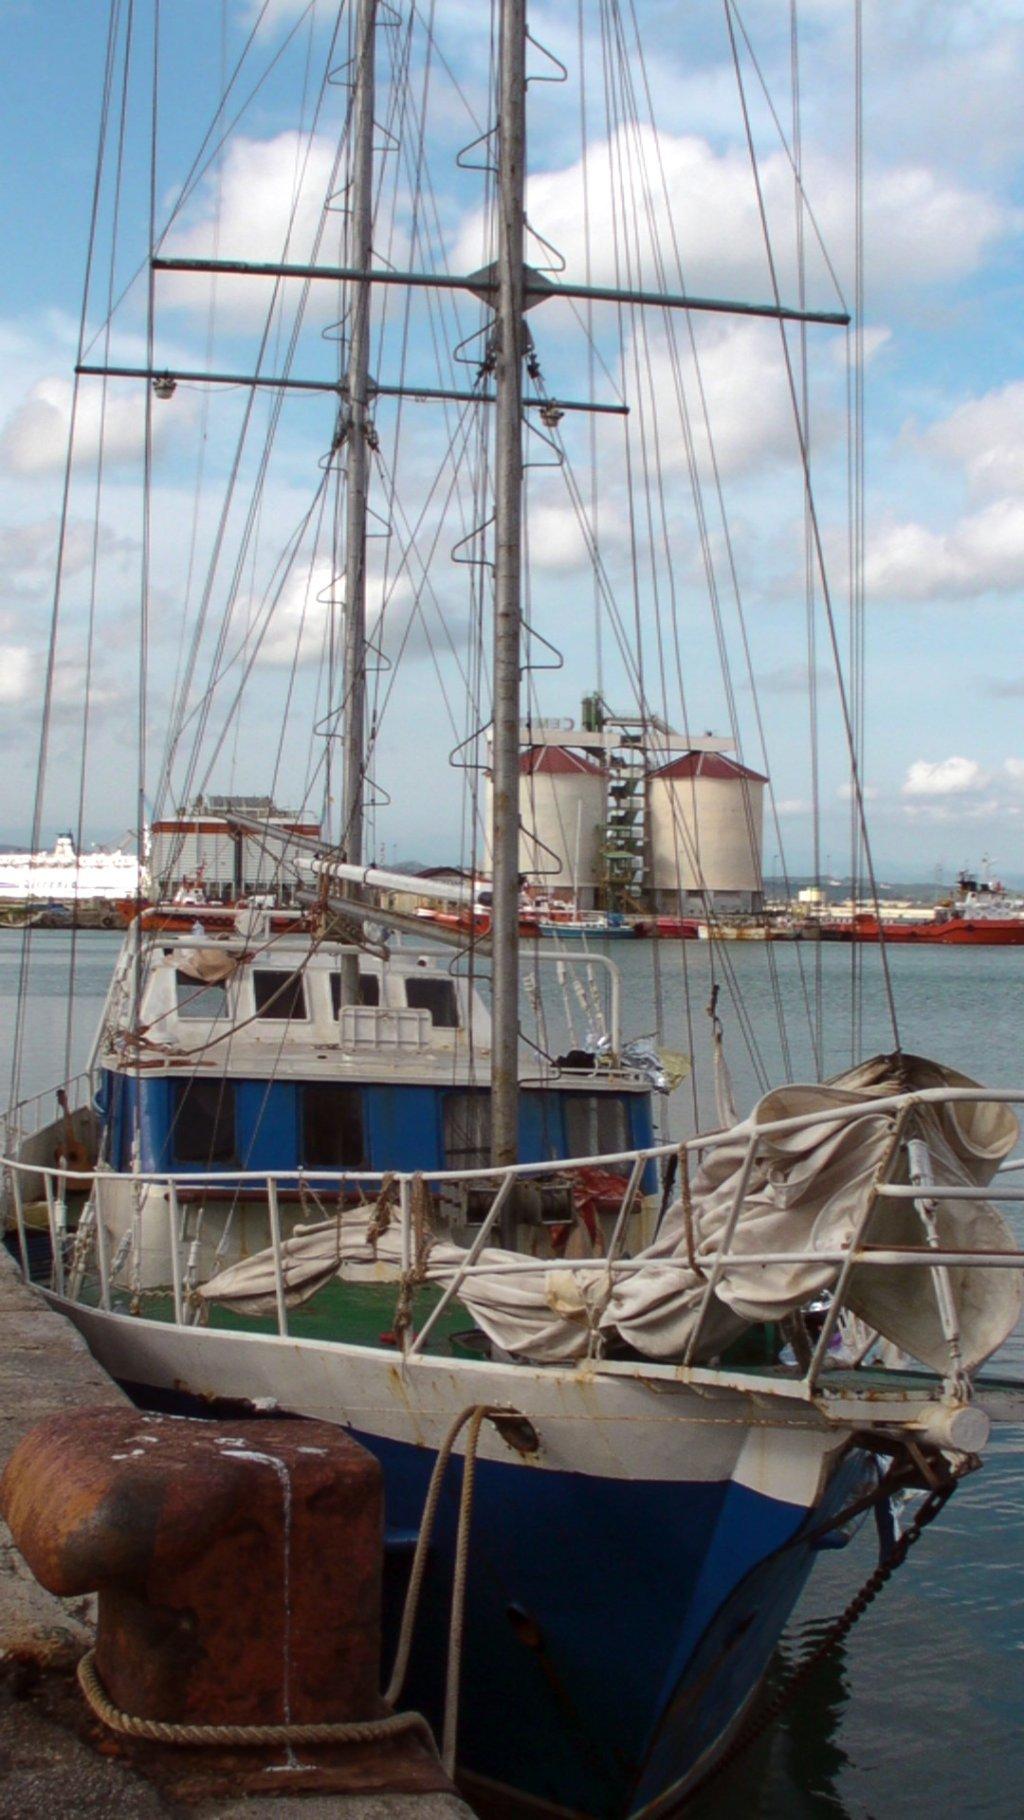 ansa / قارب شراعي يستخدمه المهاجرون في عبور البحر المتوسط. المصدر: أنسا.